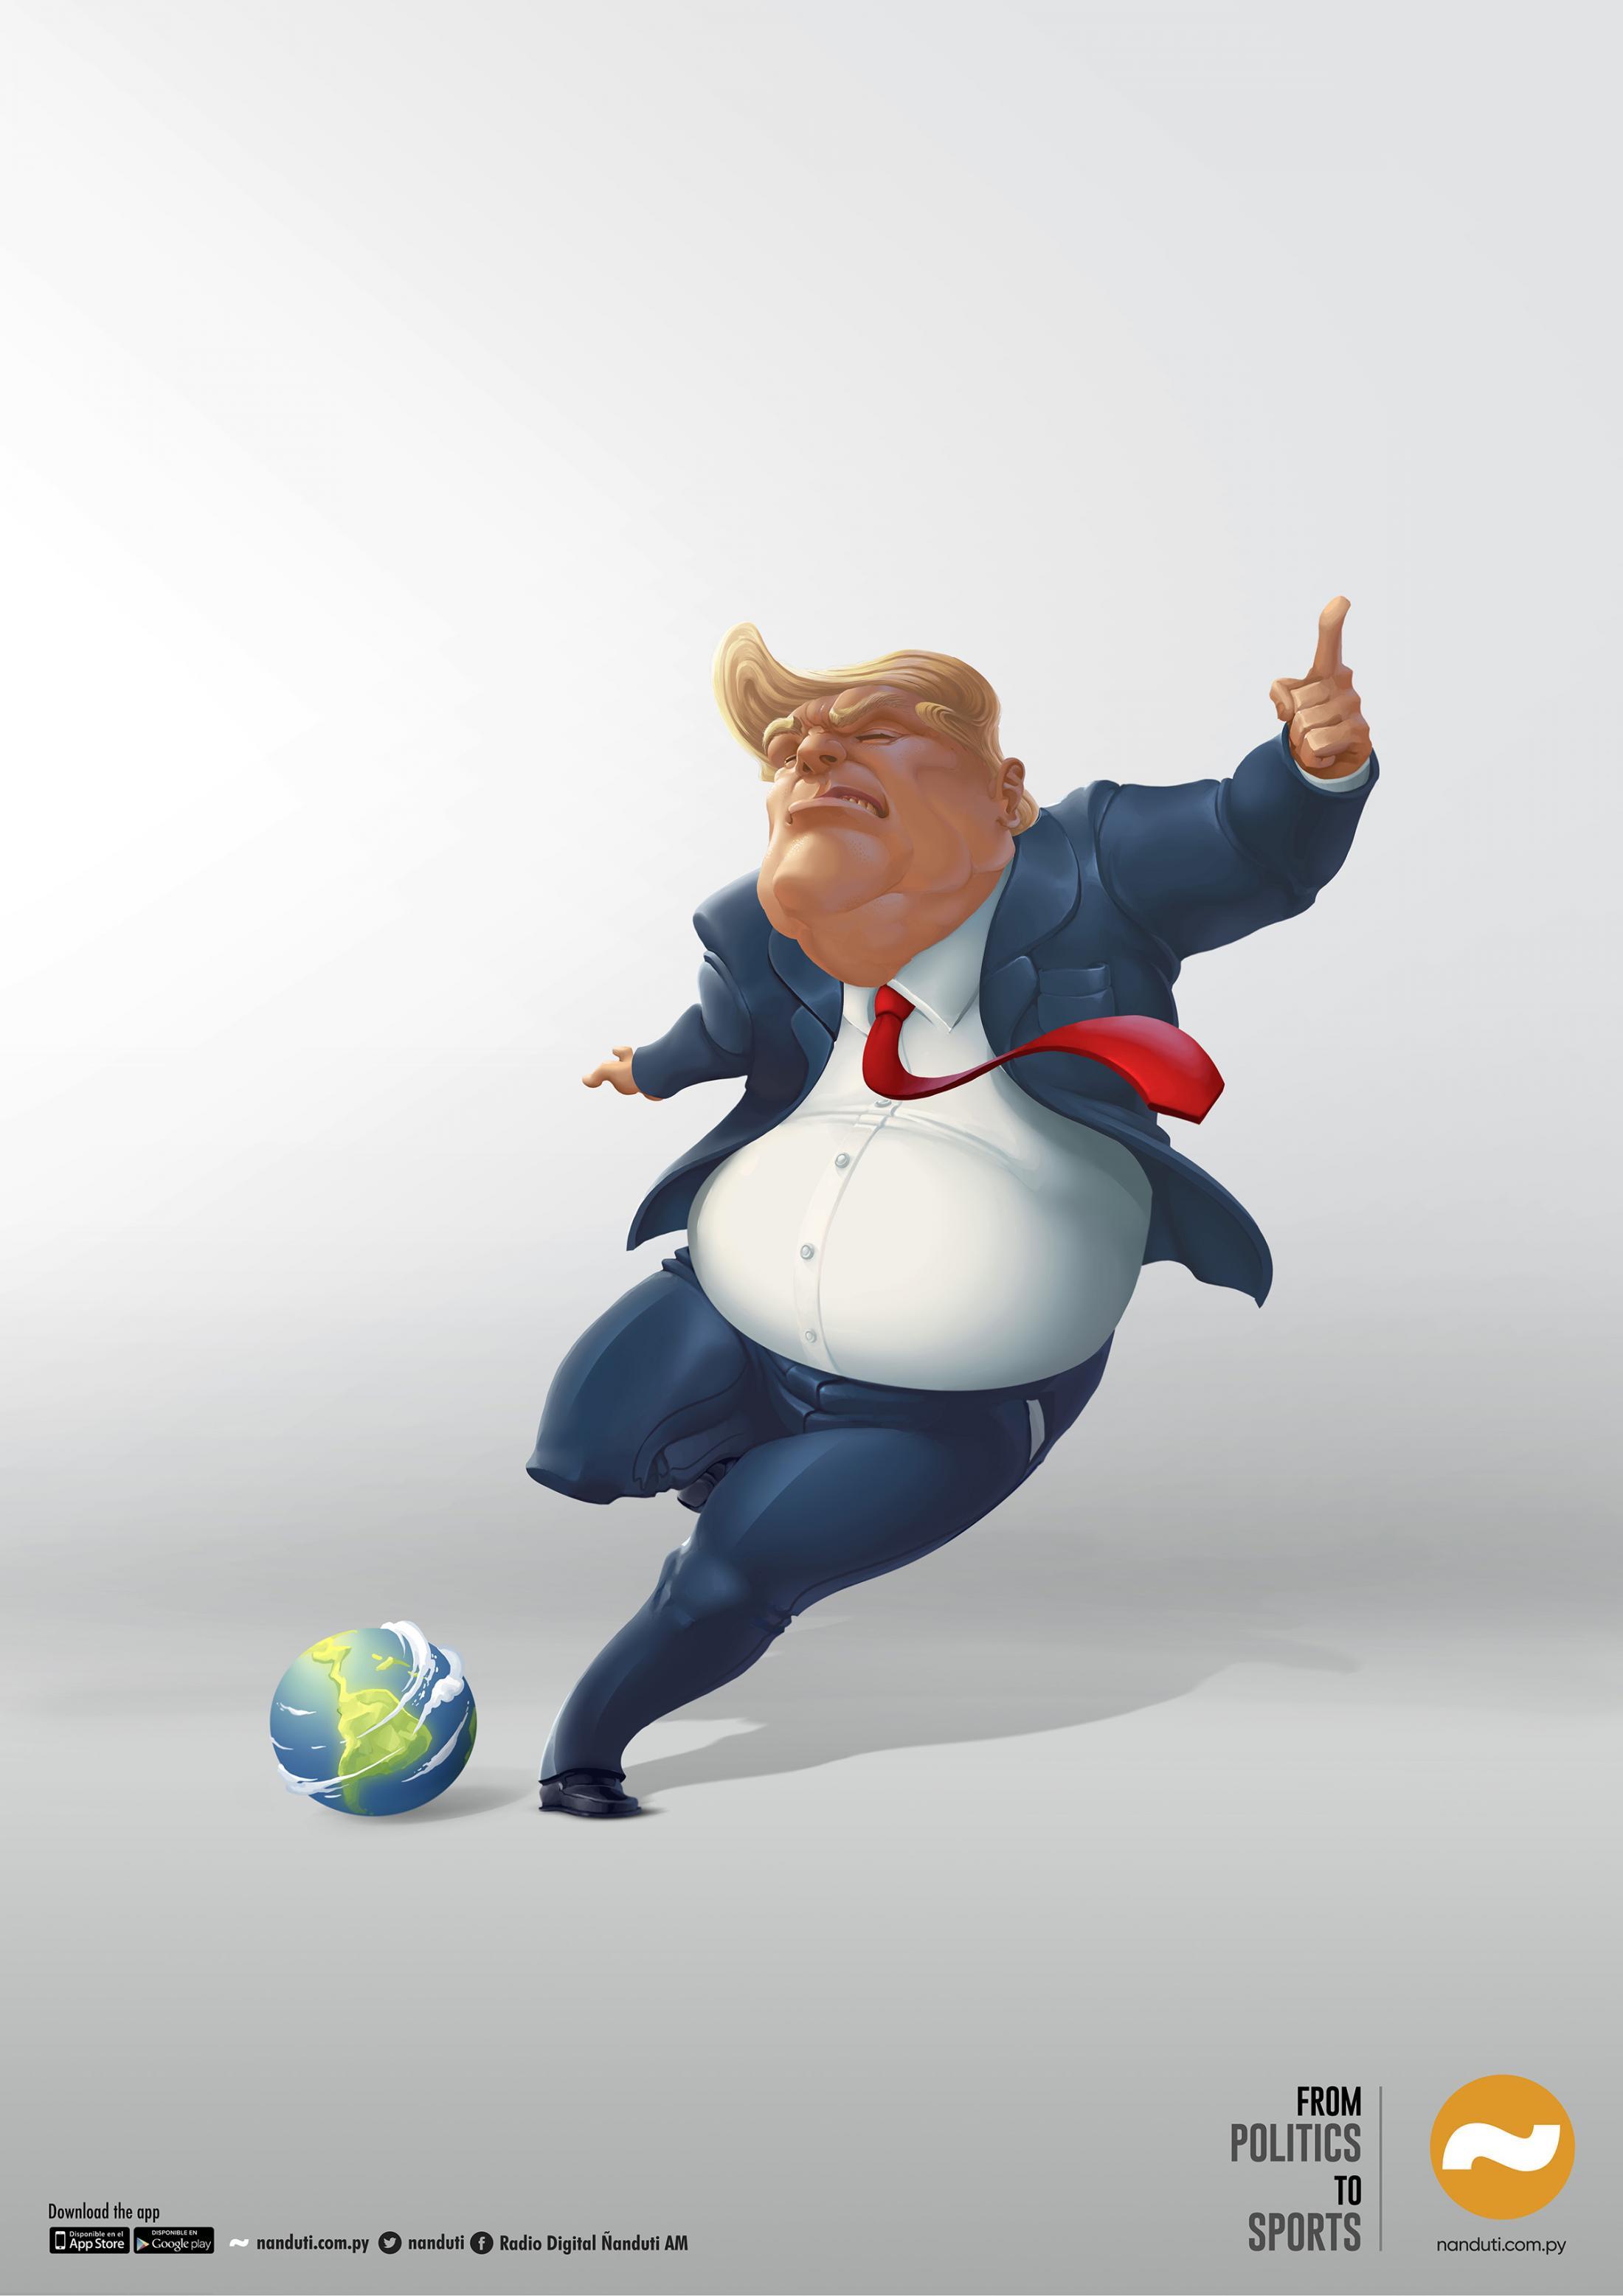 Ñandutí Print Ad - Trump Sports